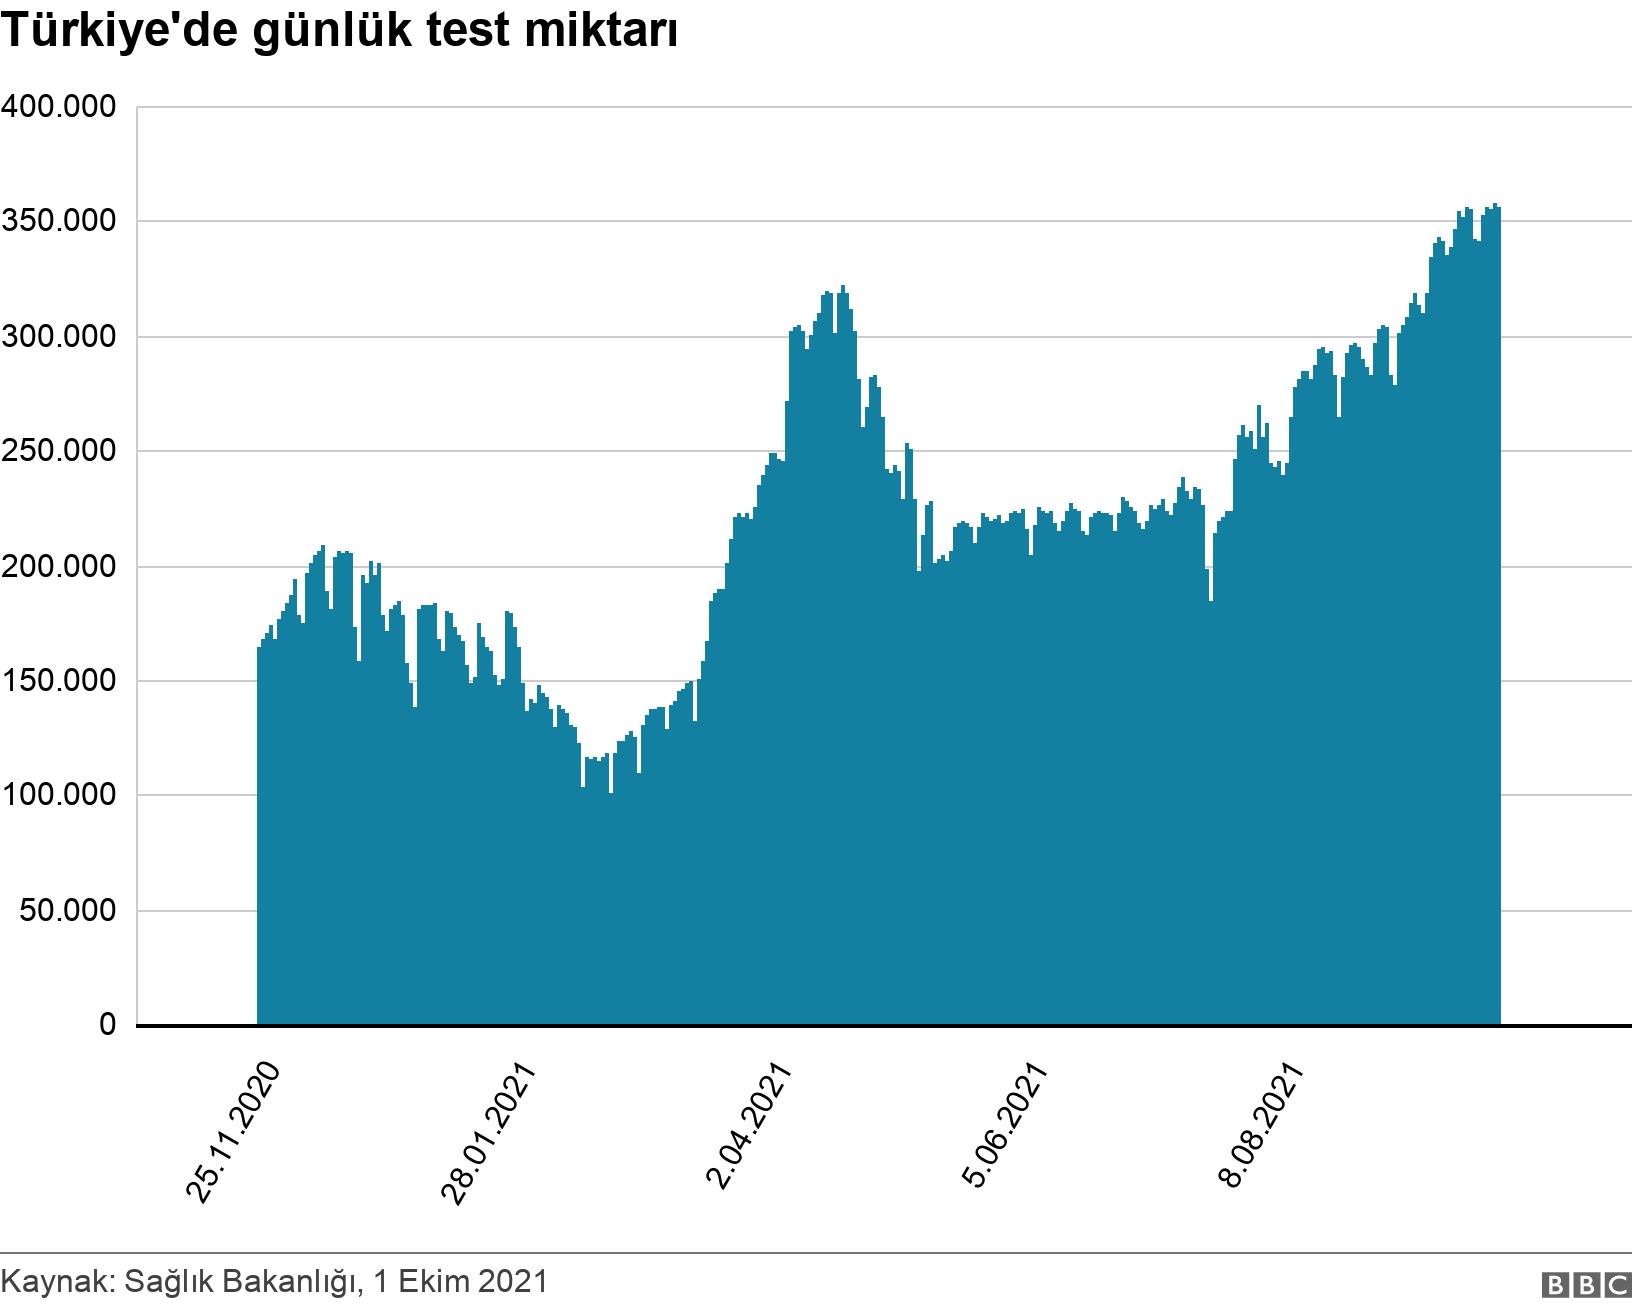 Türkiye'de günlük test miktarı. .  .